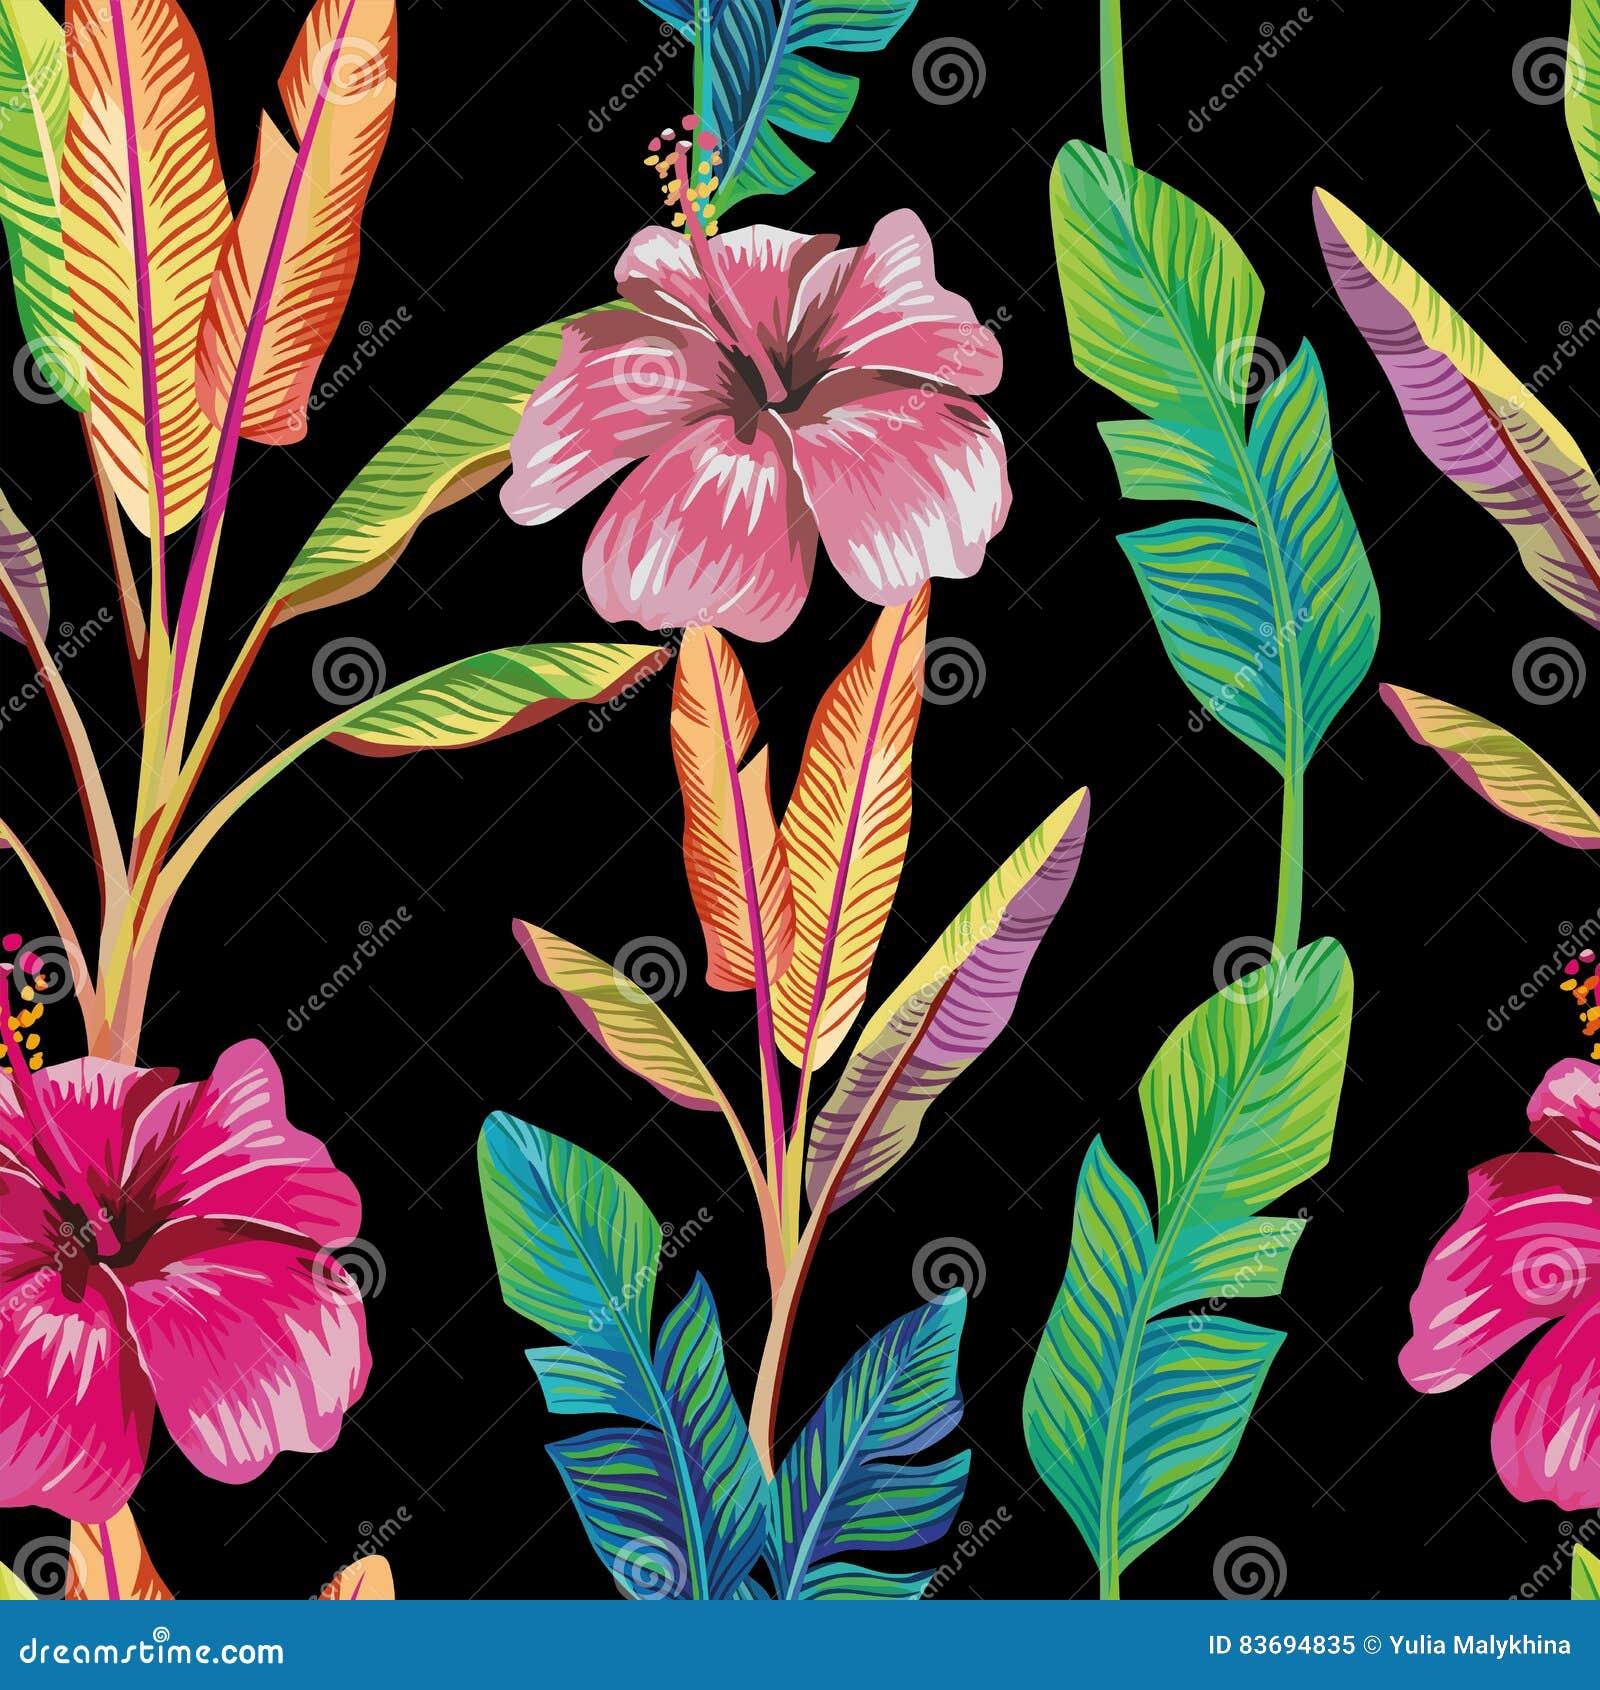 Green Banana Leaves Hibiscus Flower Black Stock Vector